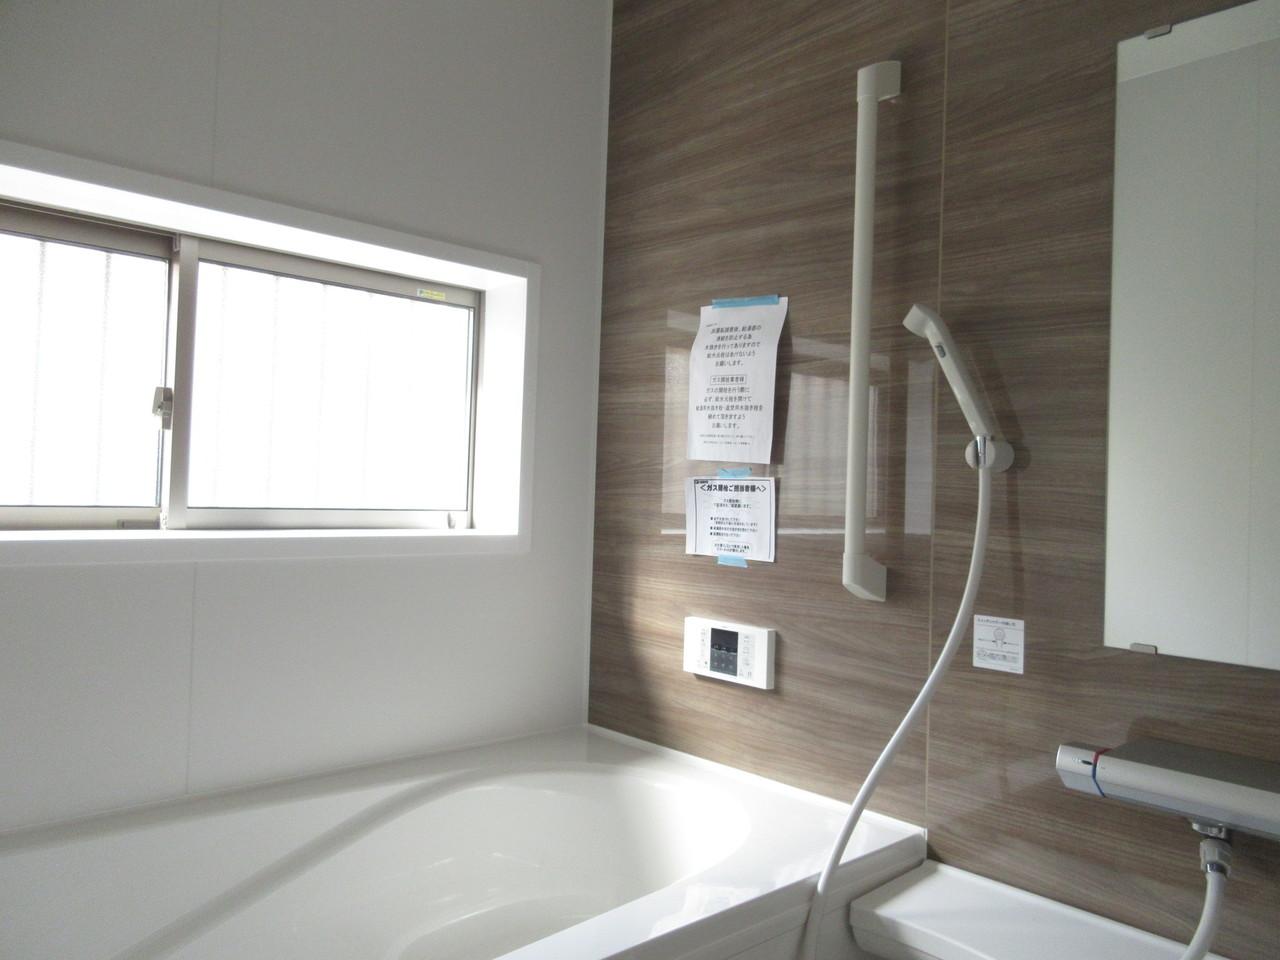 落ち着いた印象の浴室。木目の壁が癒されます♪毎日の疲れを癒してください(^^)